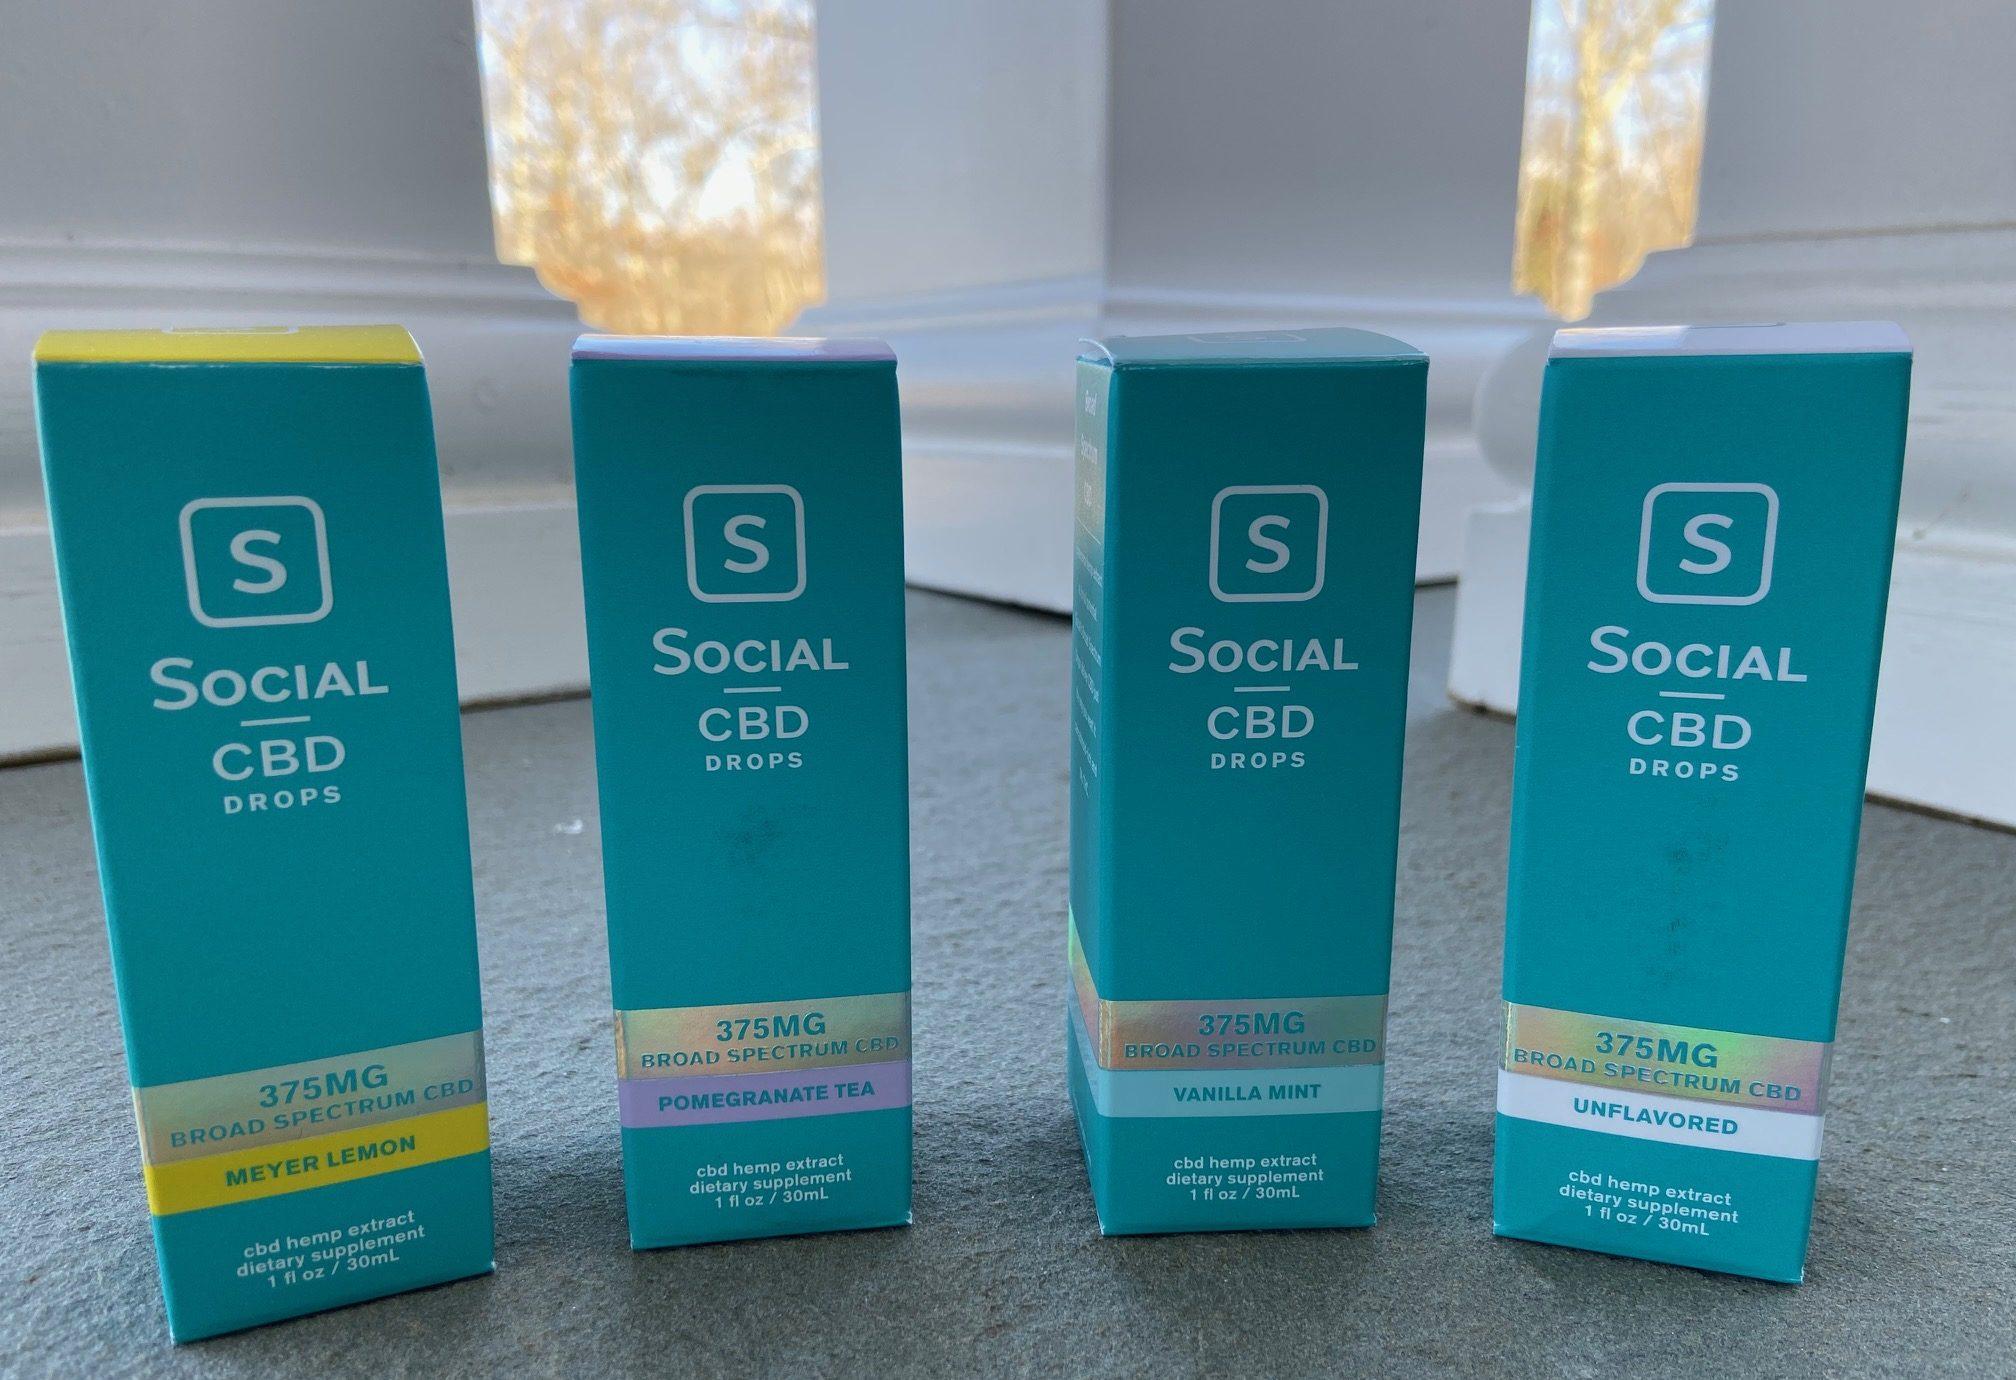 Social CBD Broad Spectrum Drops